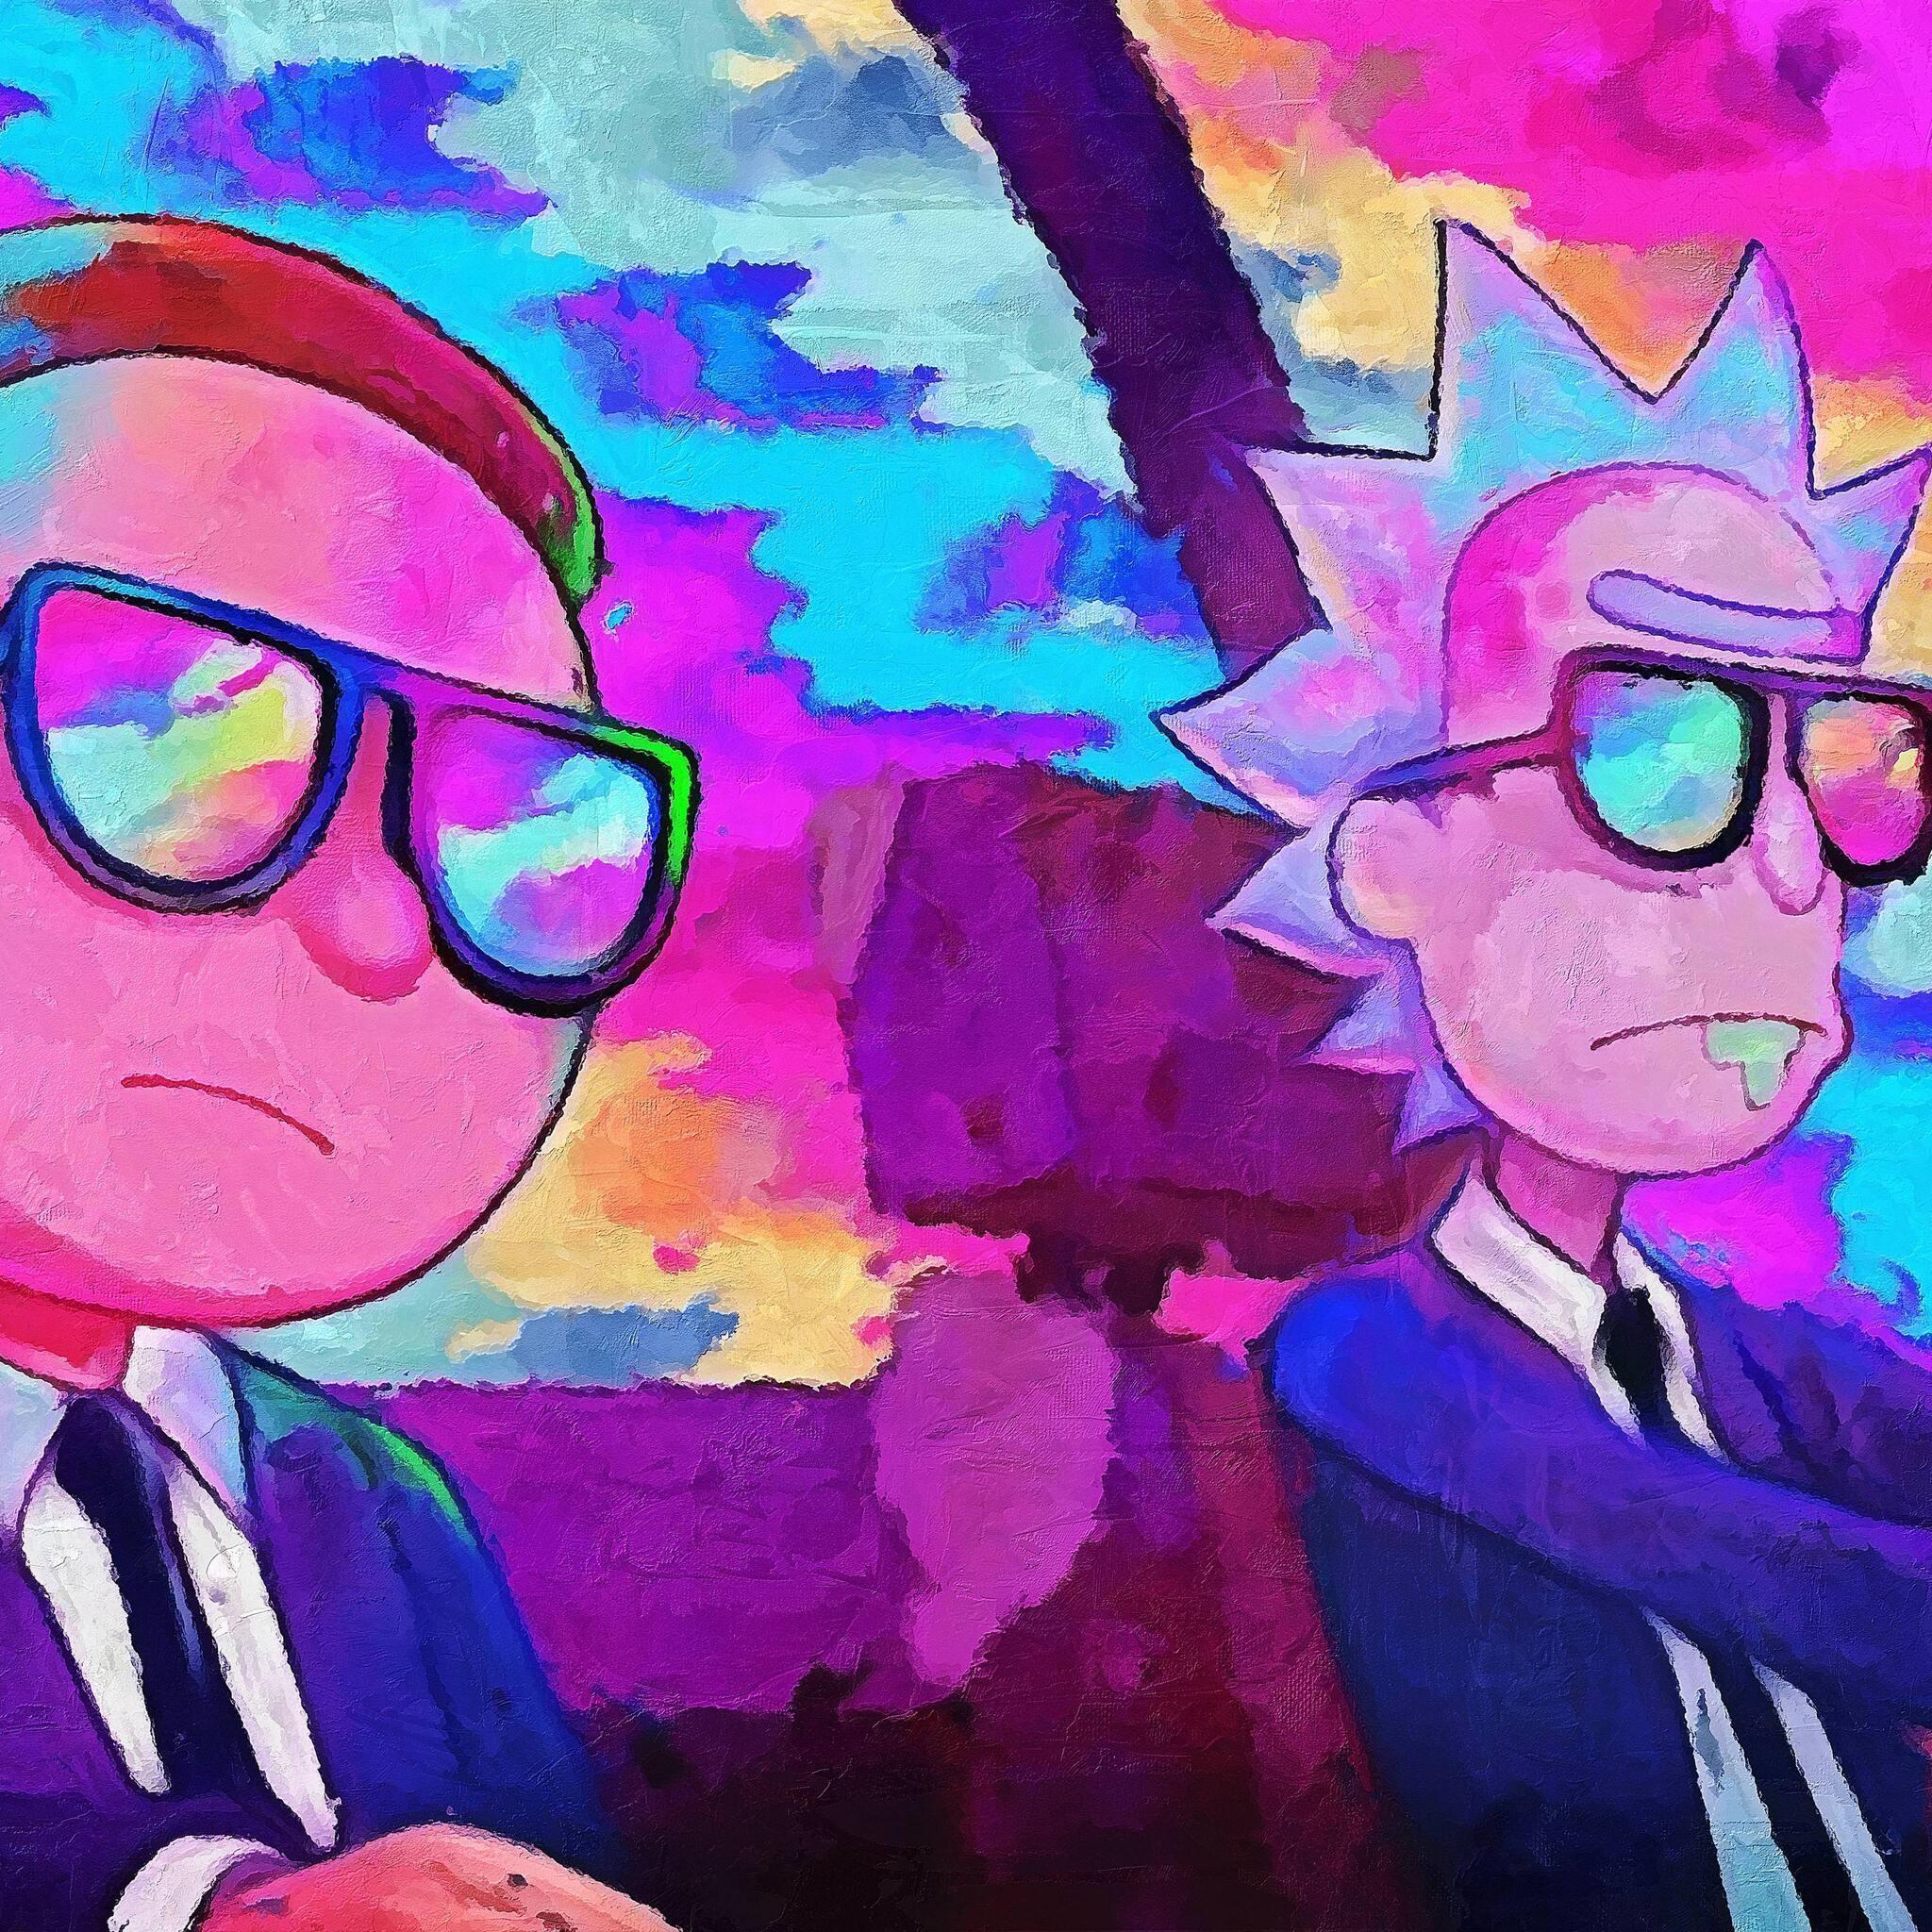 2048x2048 Rick And Morty 5k Artwork Ipad Air HD 4k ...